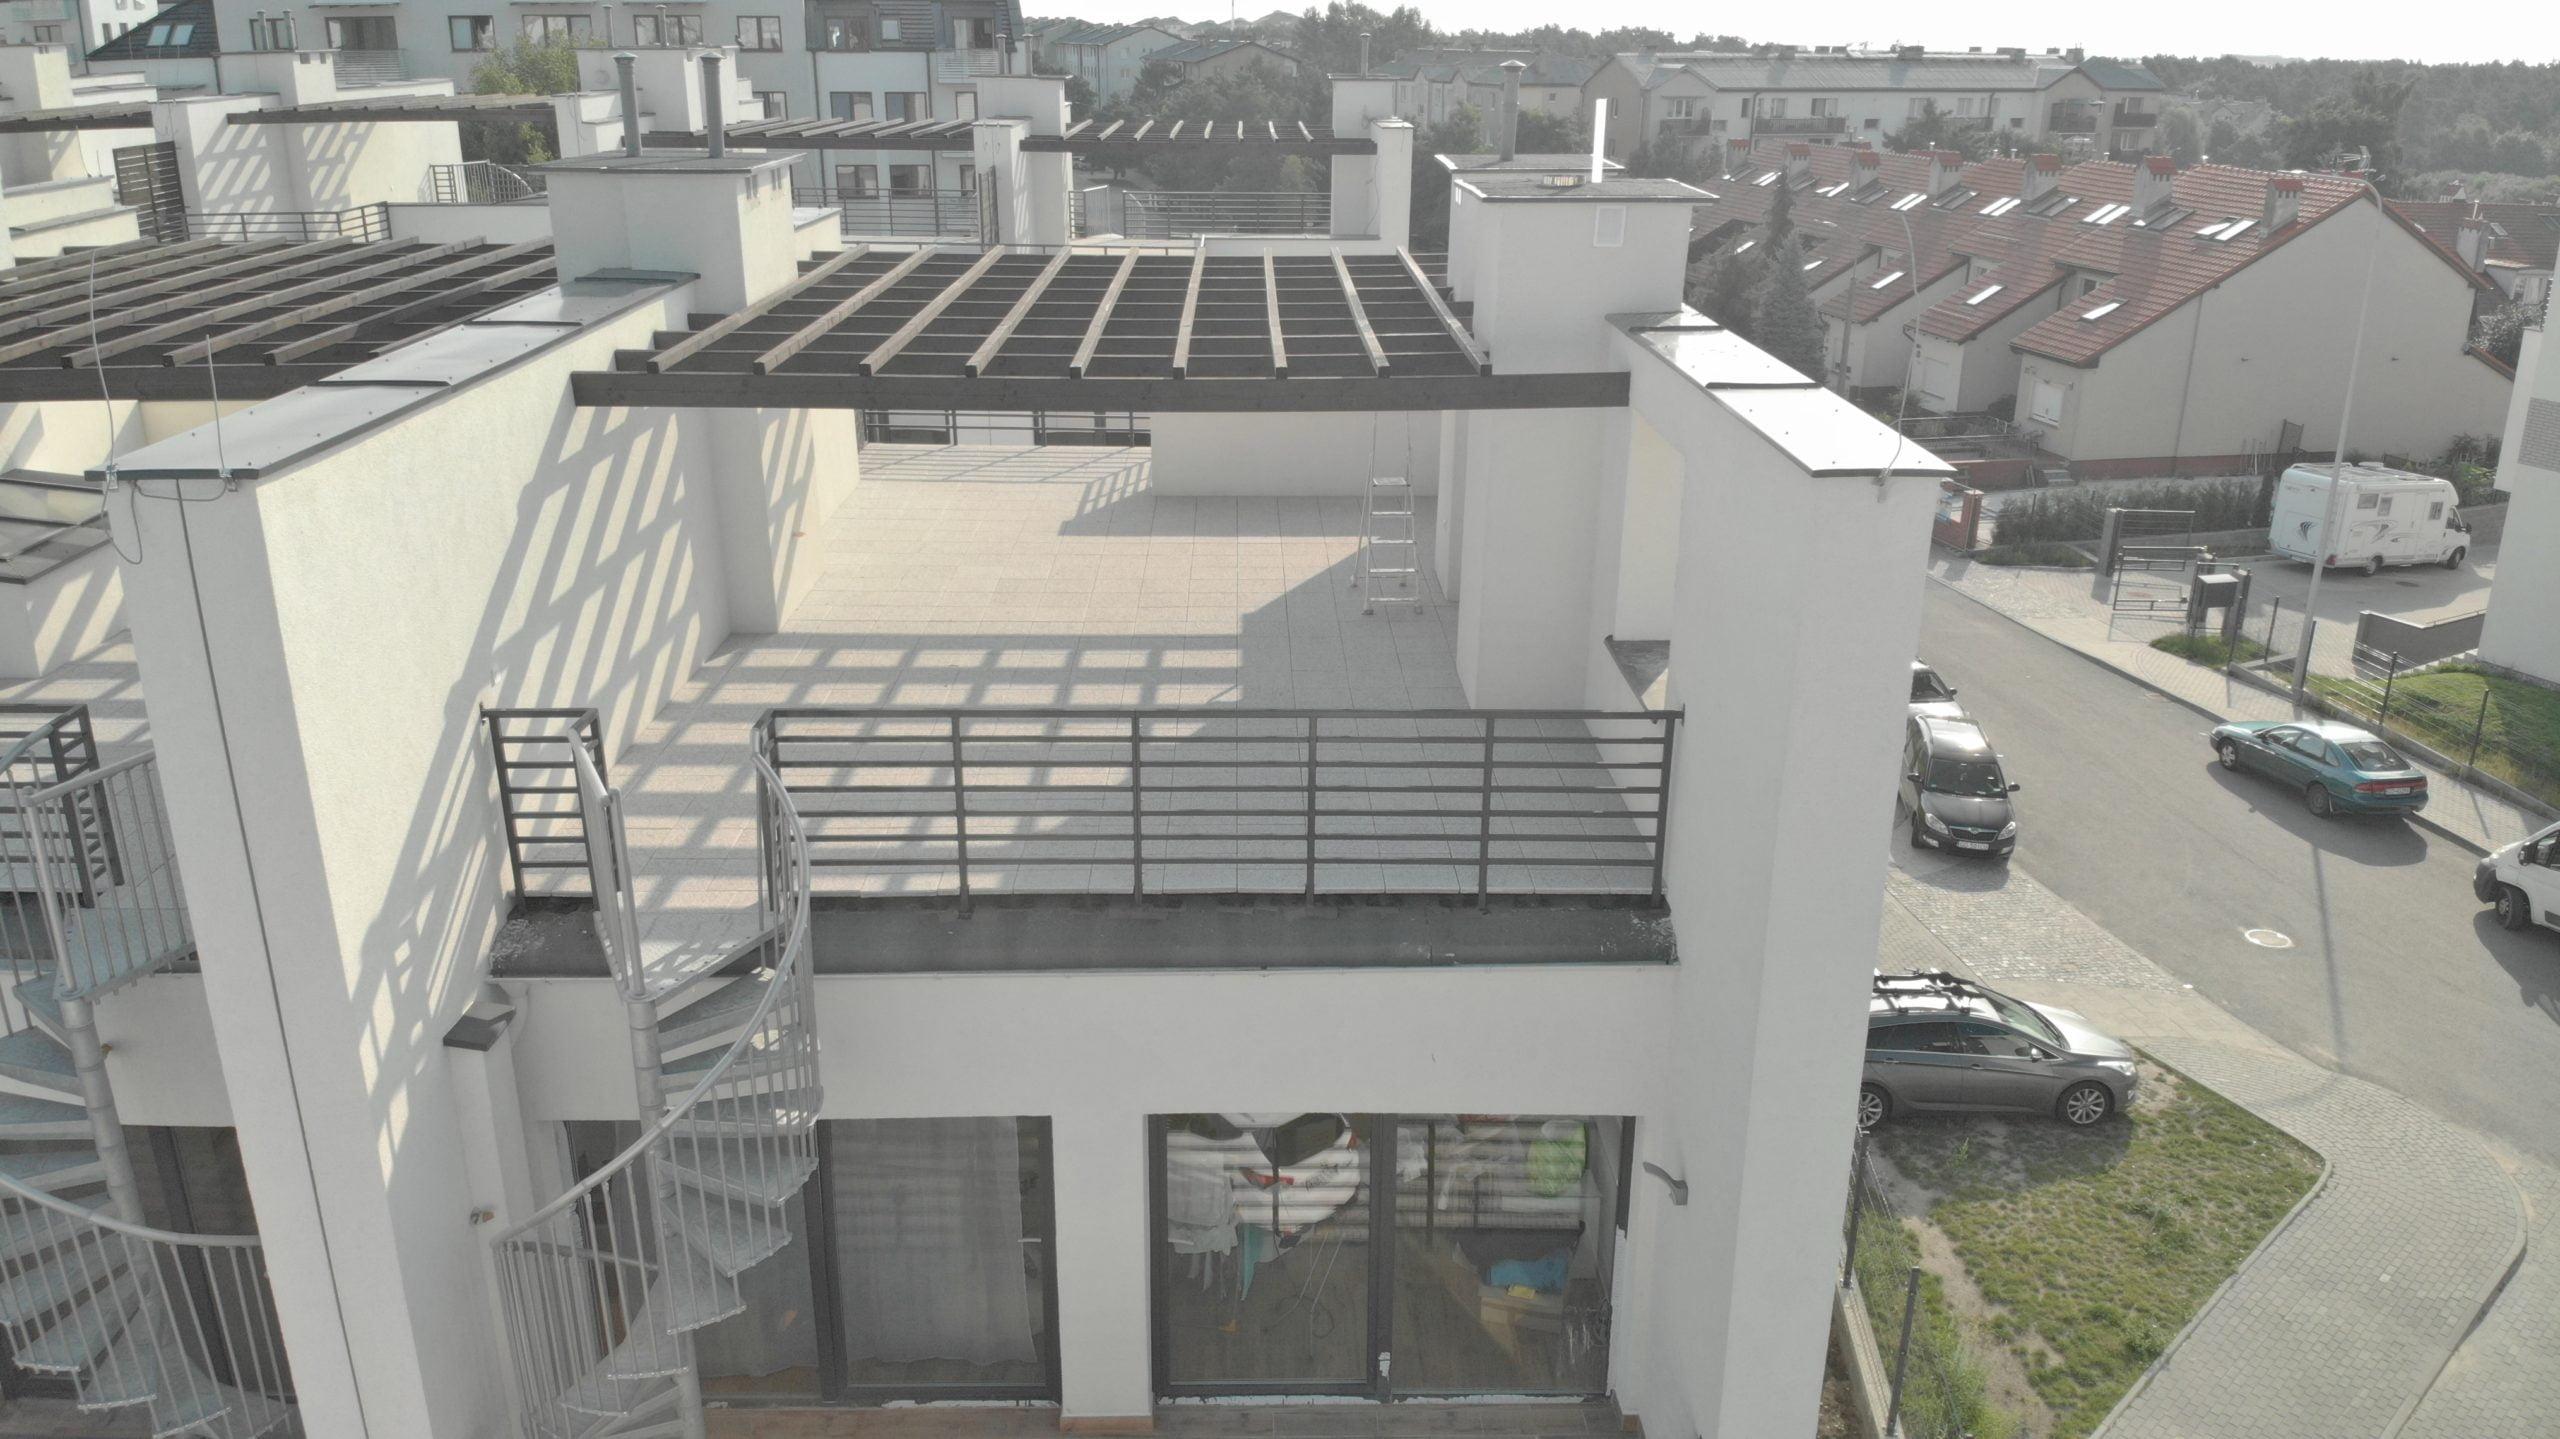 terrasse avec carreaux de céramique sur le toit de l'immeuble